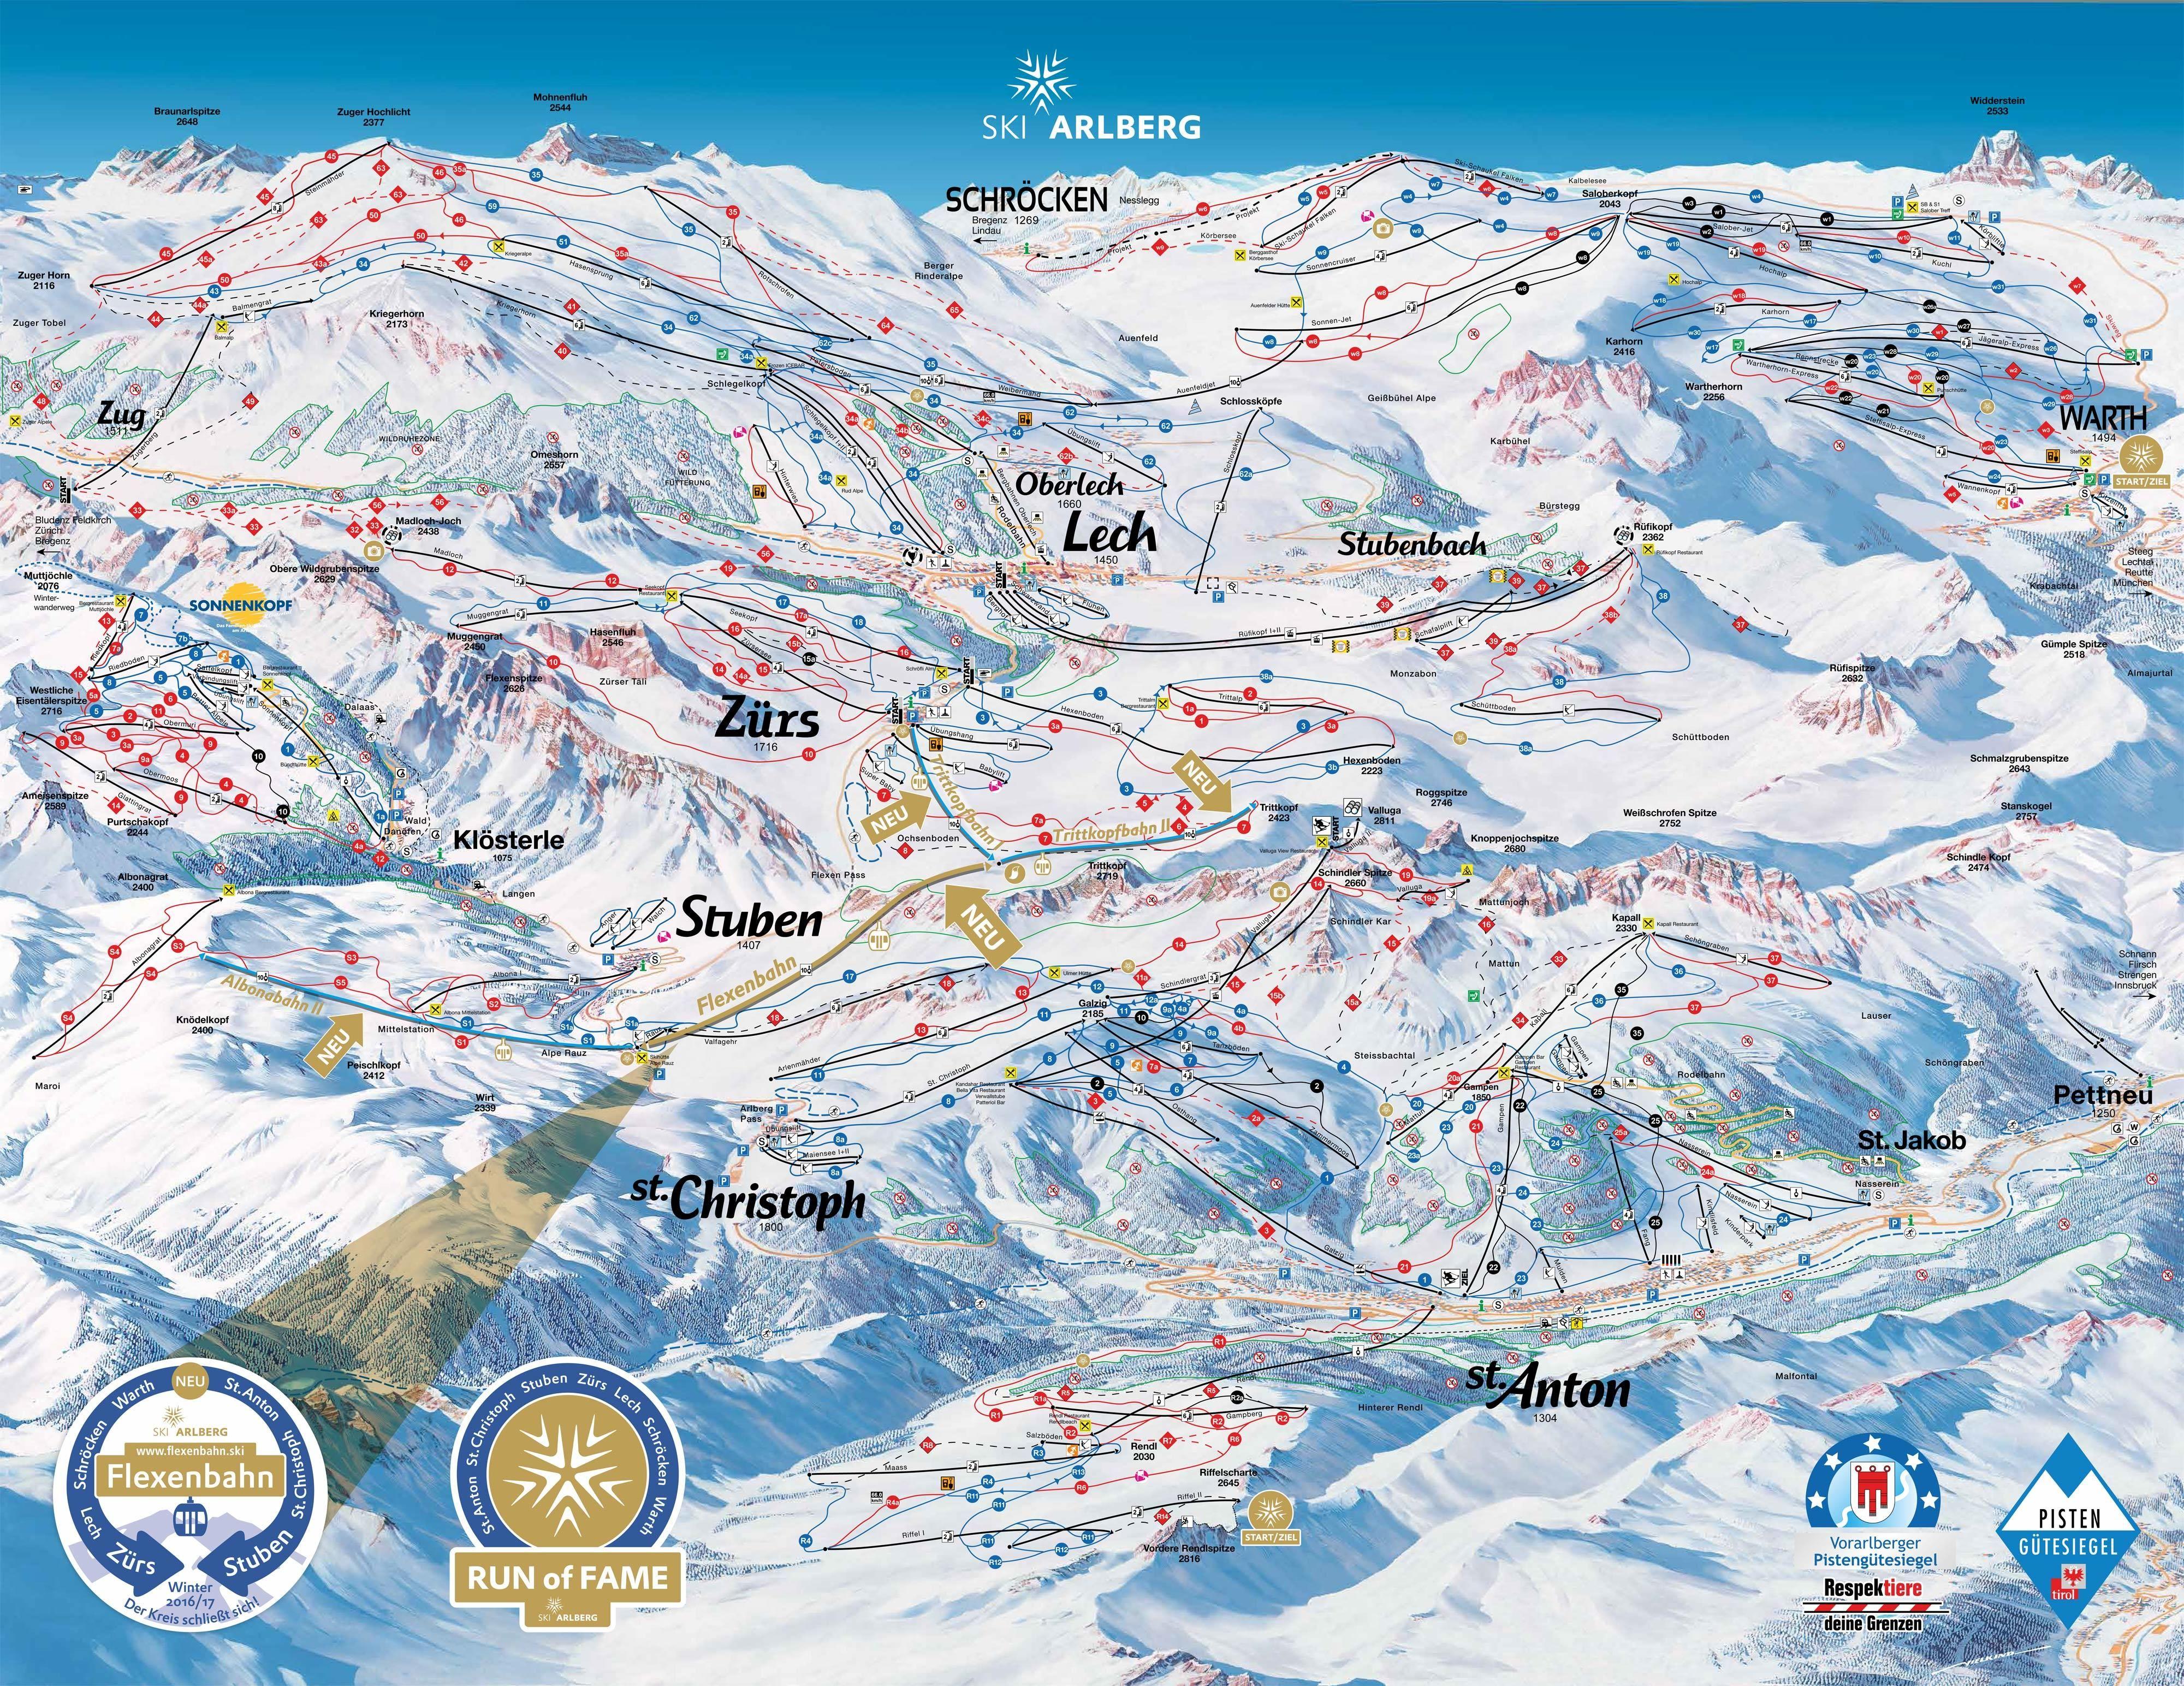 Wo Fahrt Man Am Besten Ski In St Anton Am Arlberg Auf Skiinfo